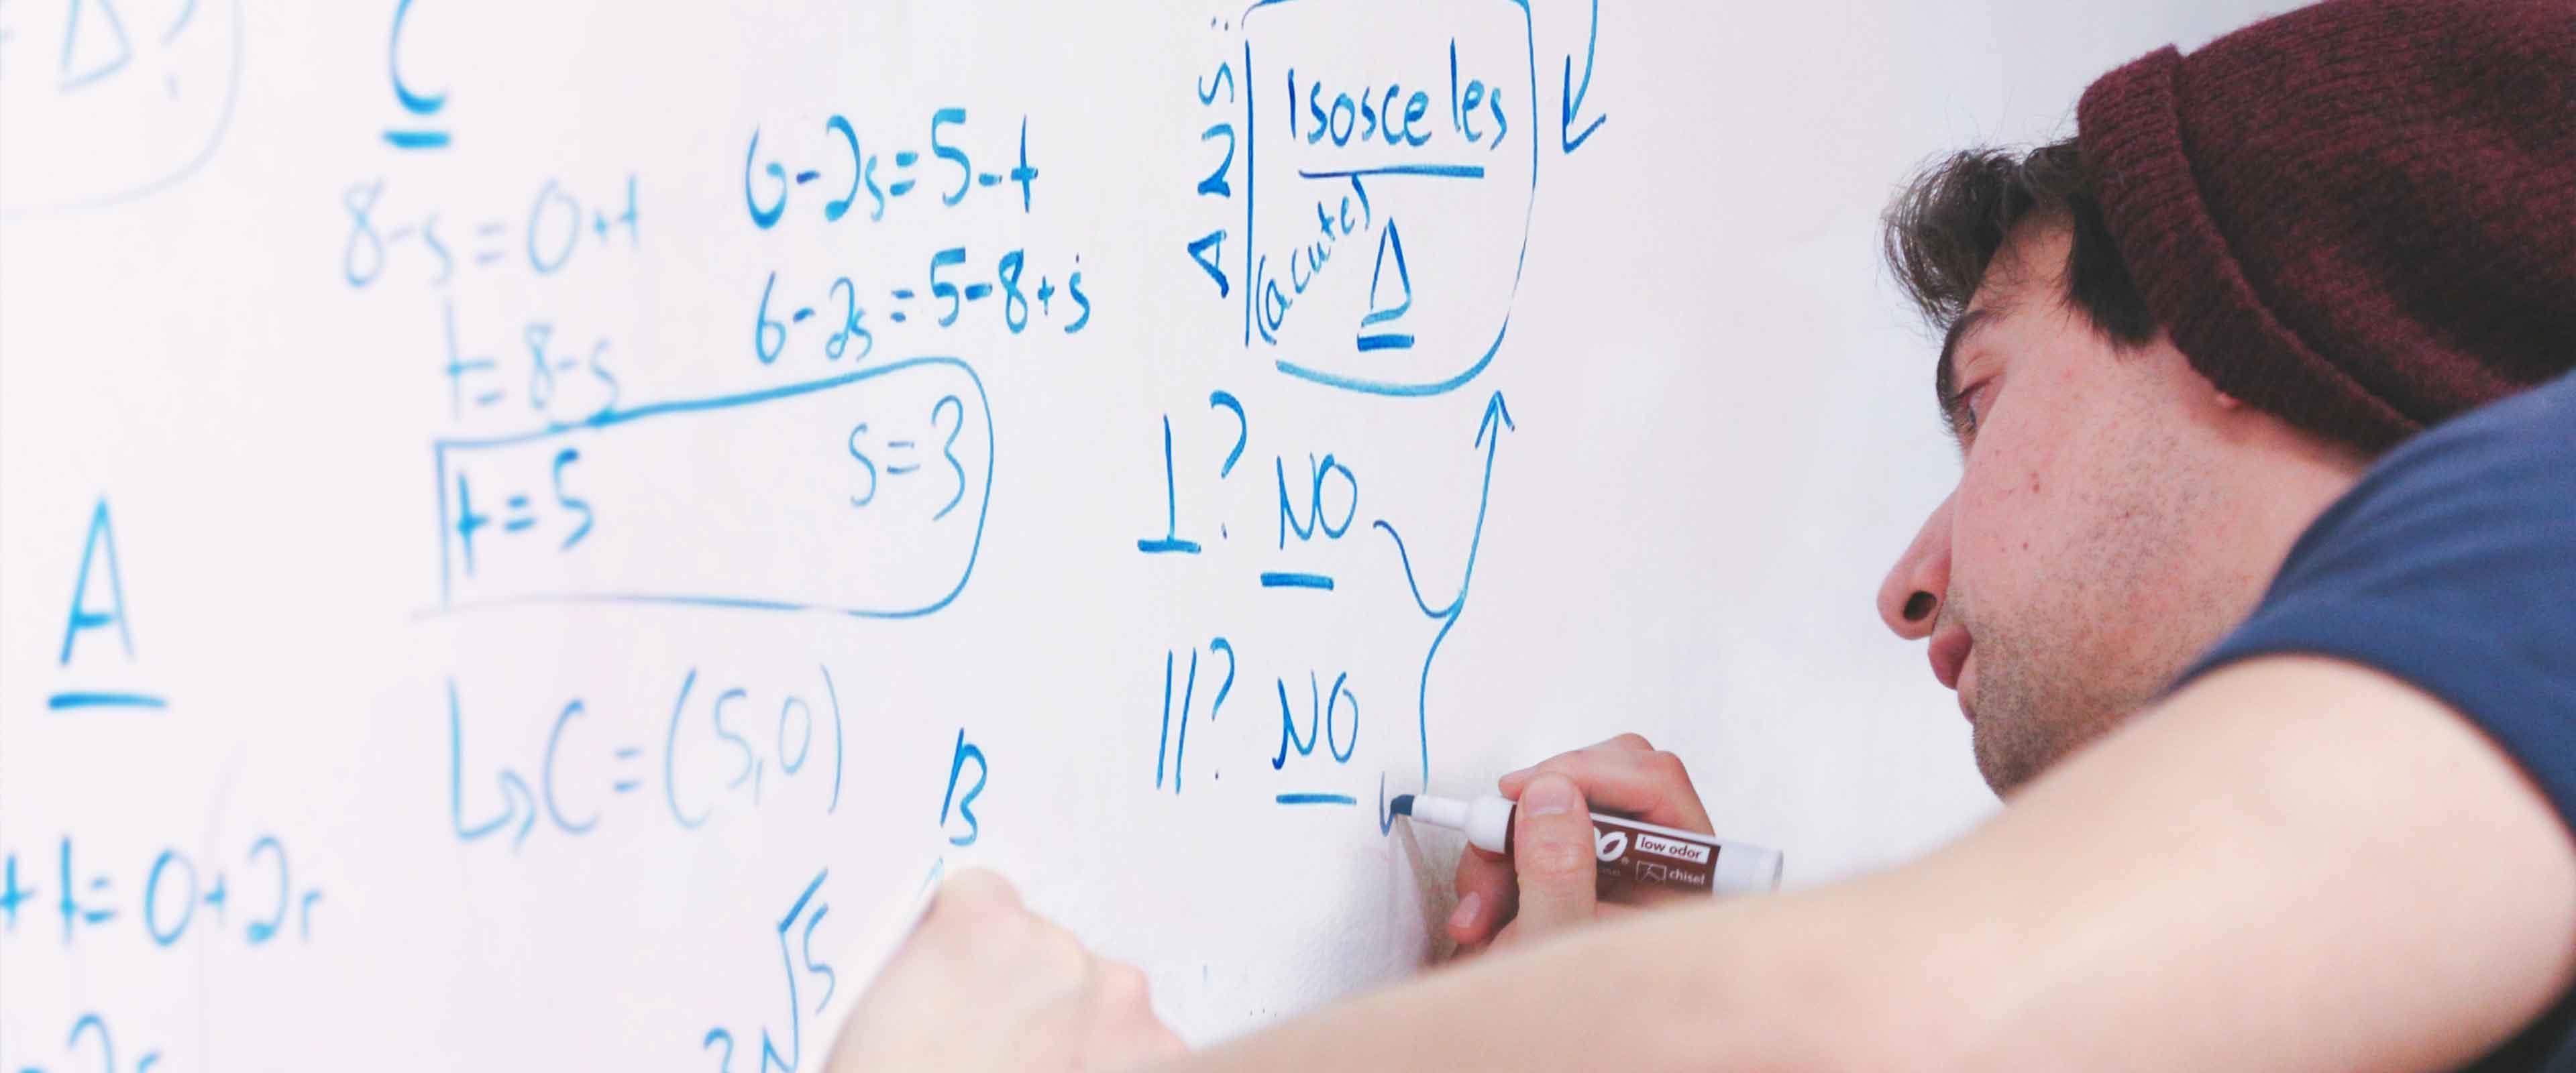 Larson Precalculus – College Algebra 9e | Easy Access Study Guide